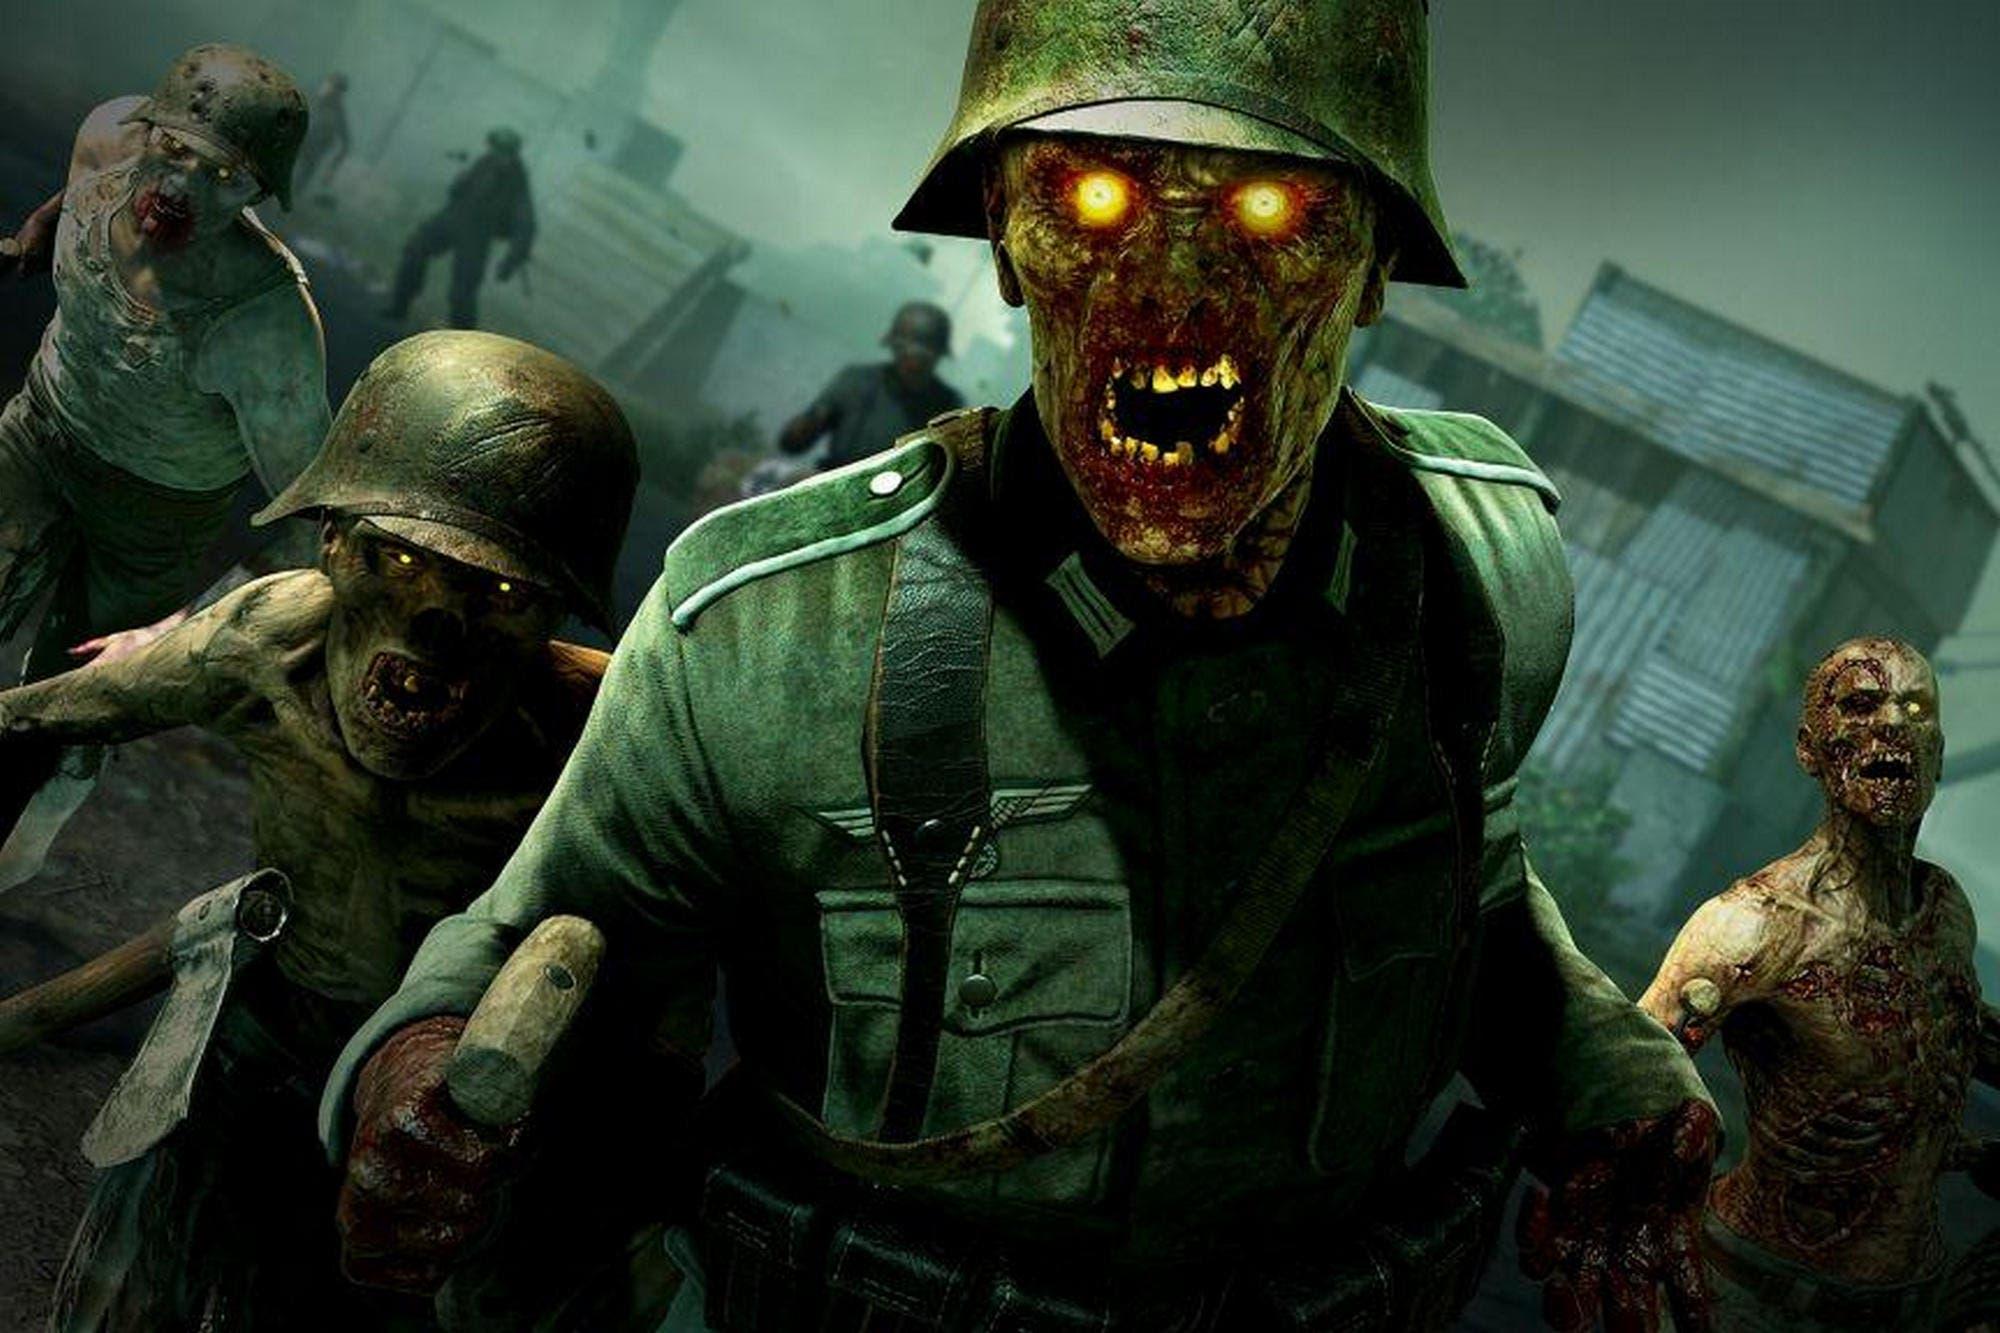 Videojuegos: los lanzamientos de febrero para PlayStation, Xbox, Switch y PC